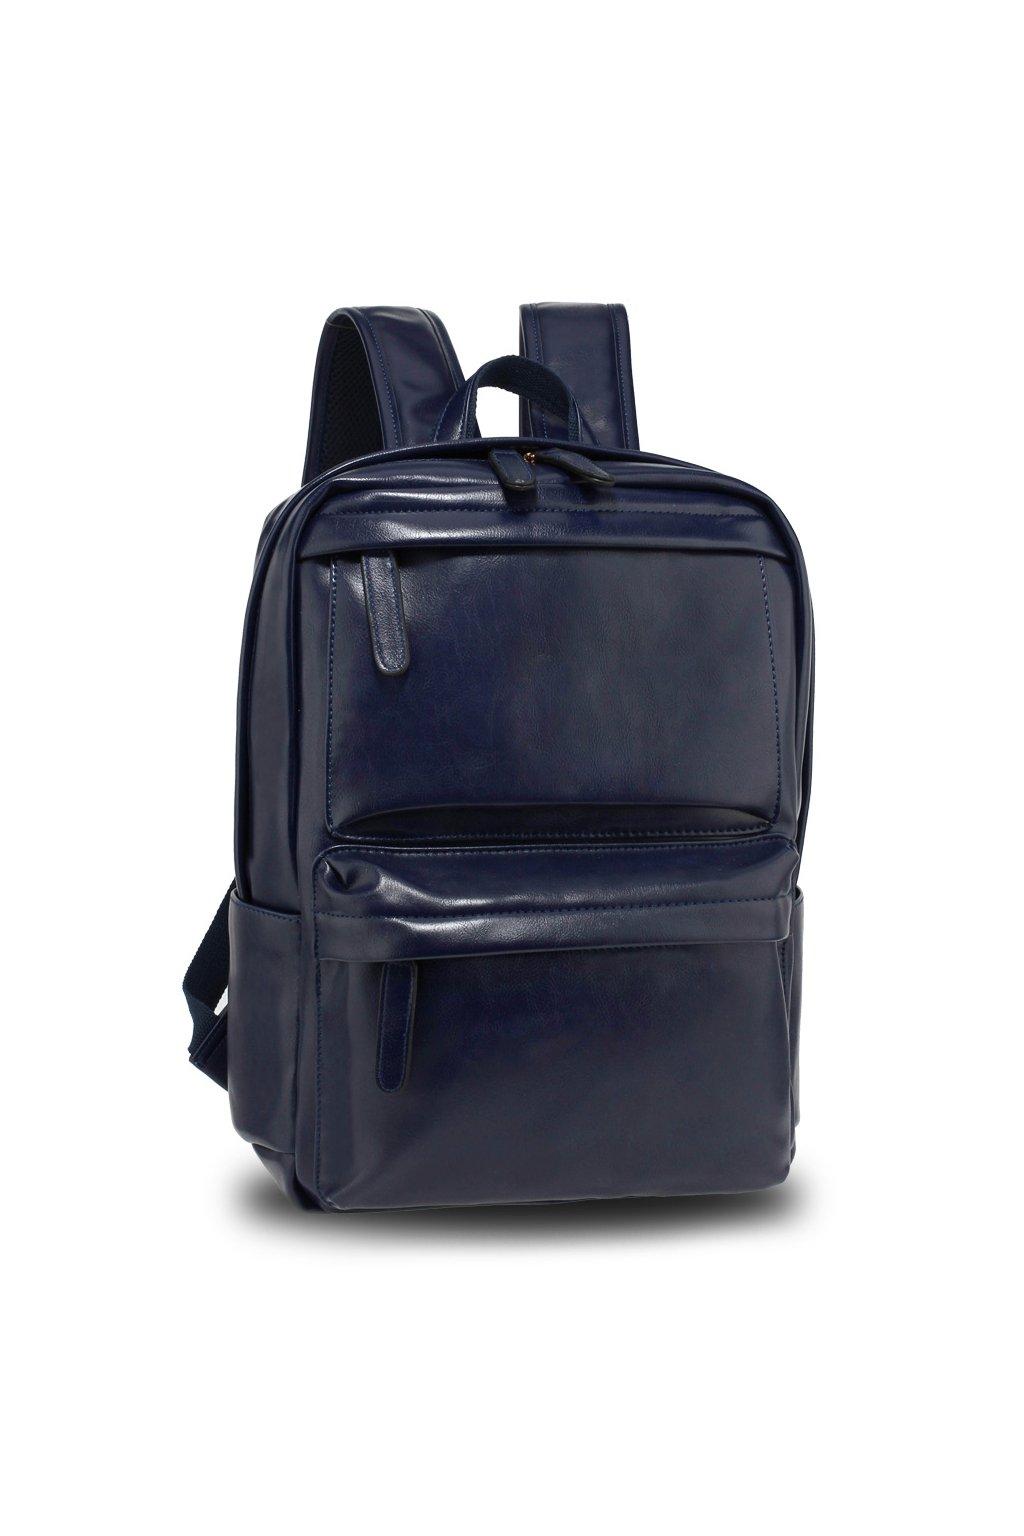 Modrý ruksak Lillian AG00676